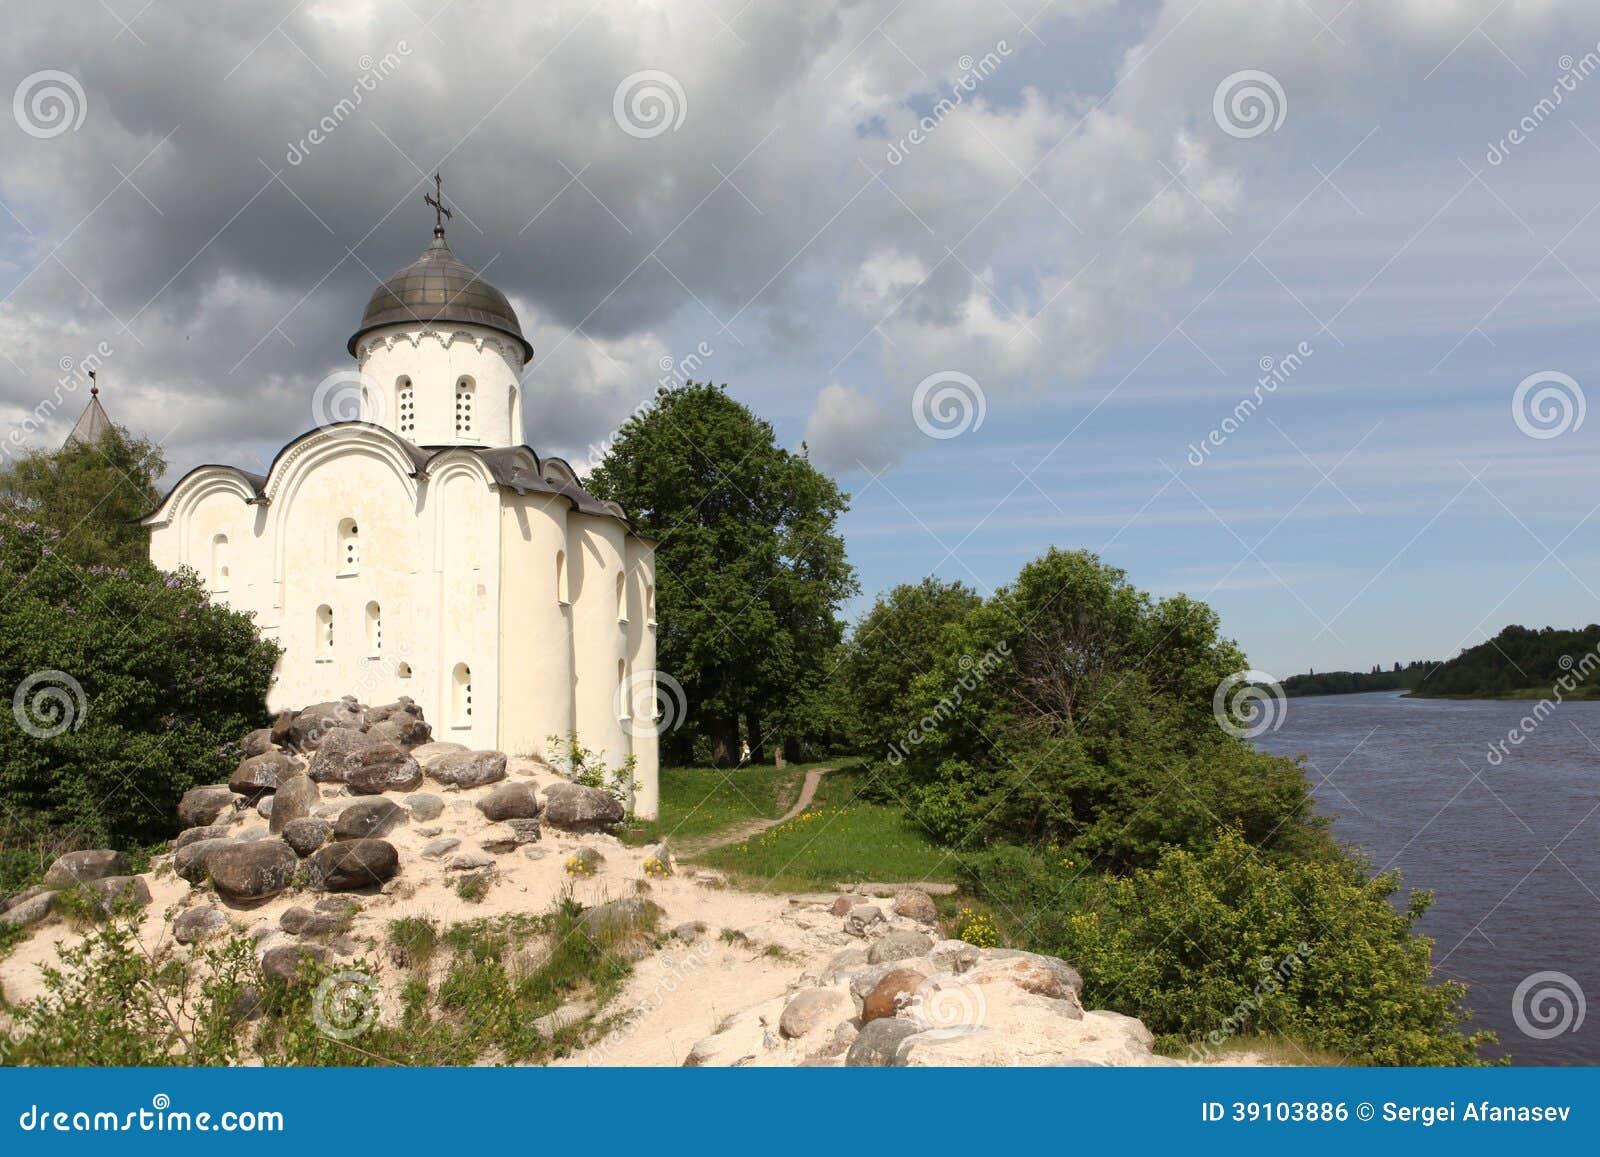 St. George Kathedraal. Staraya Ladoga